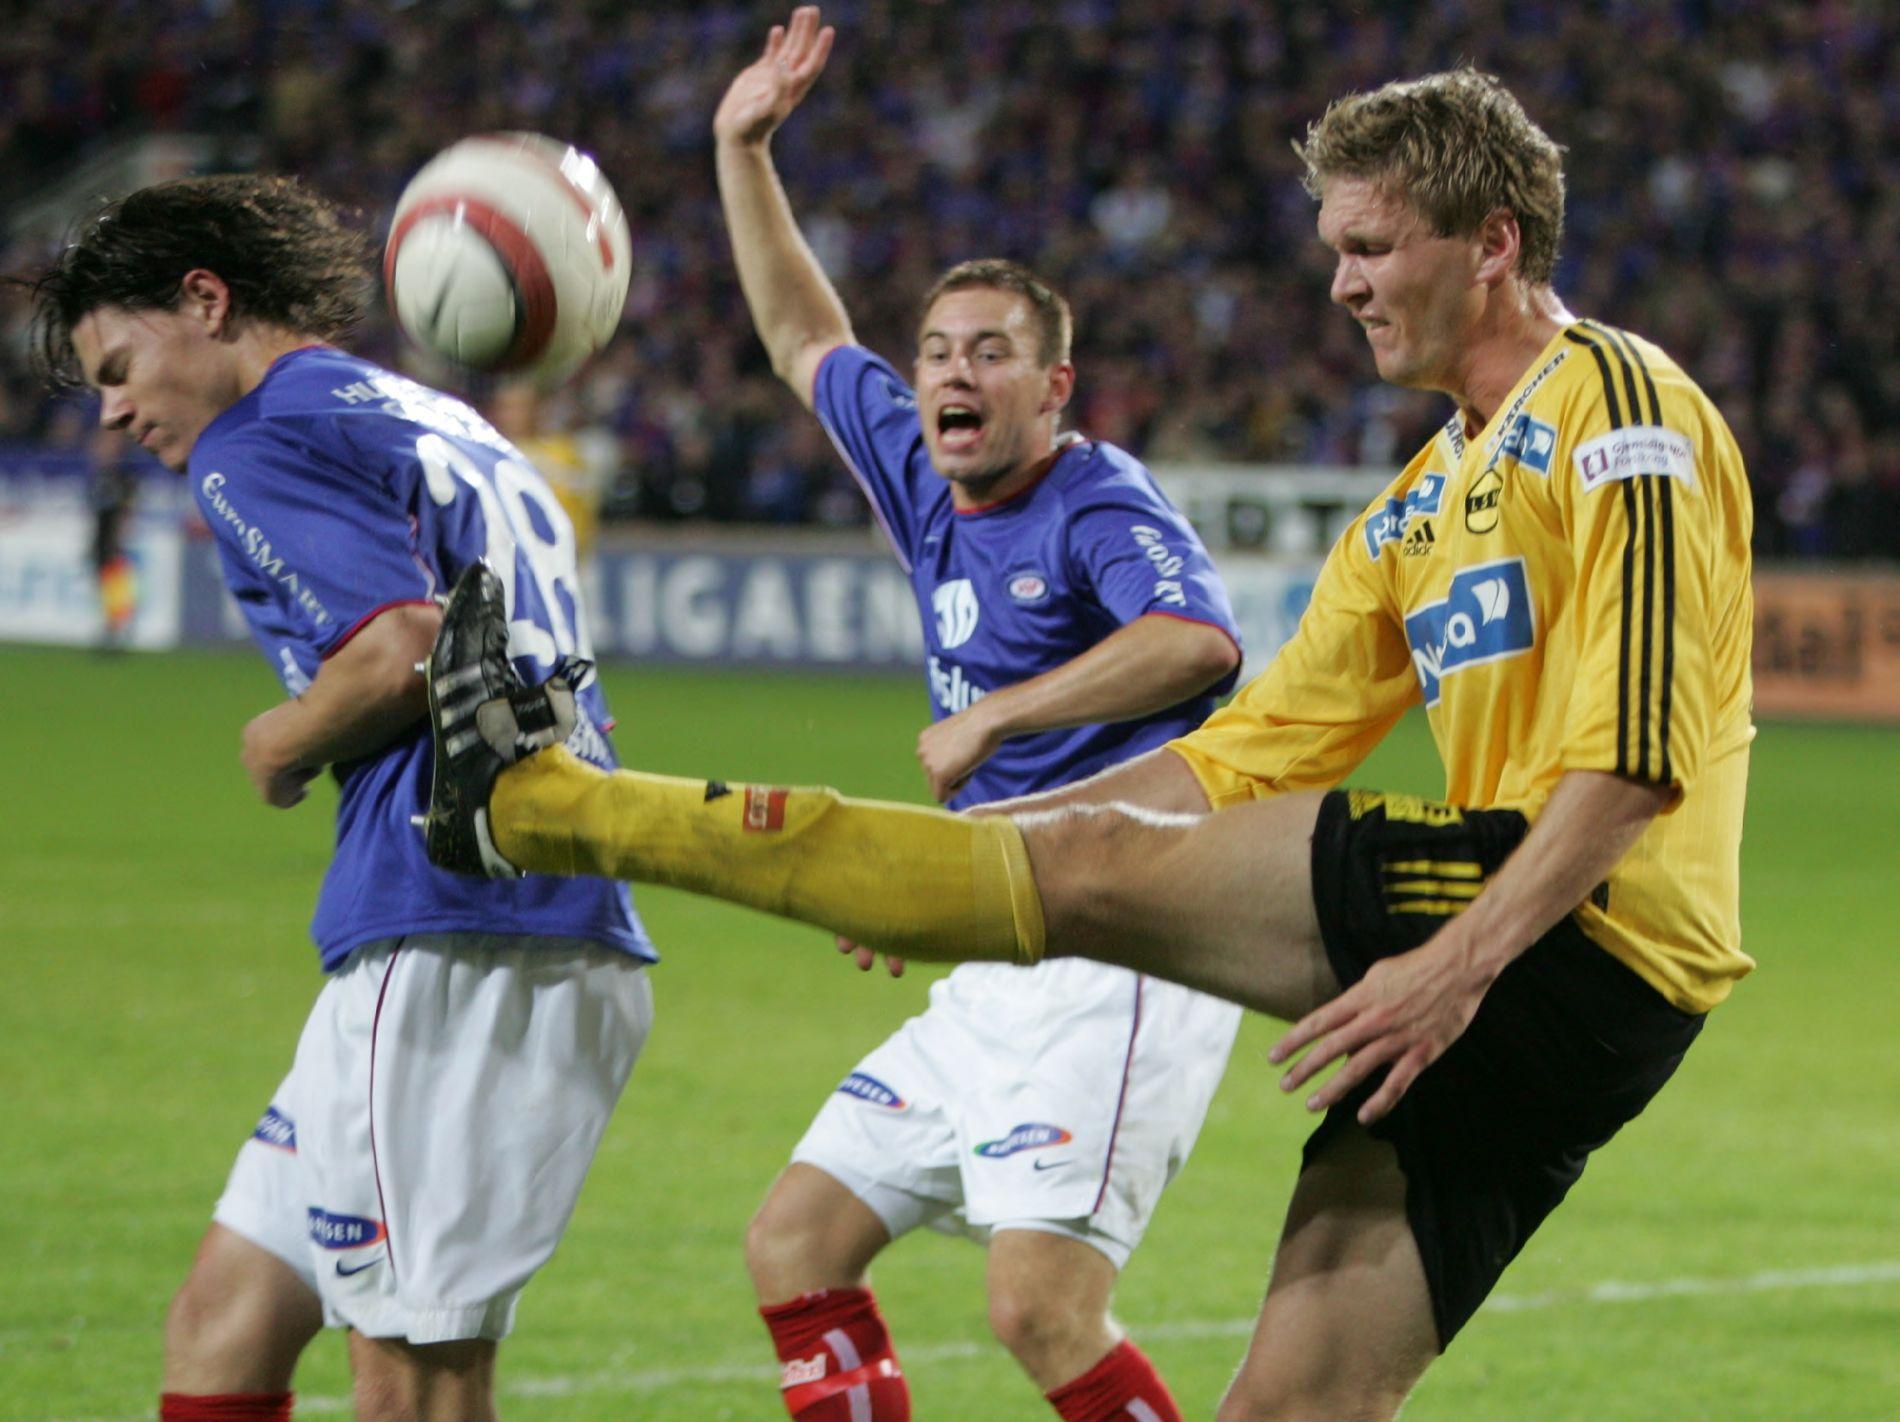 13 ÅR SIDEN: Allerede i 2004 fikk Daniel Fredheim Holm merke Frode Kippes noe voldsomme måte å takle på... I midten: Thomas Holm. Vålerenga vant kampen 2-0.